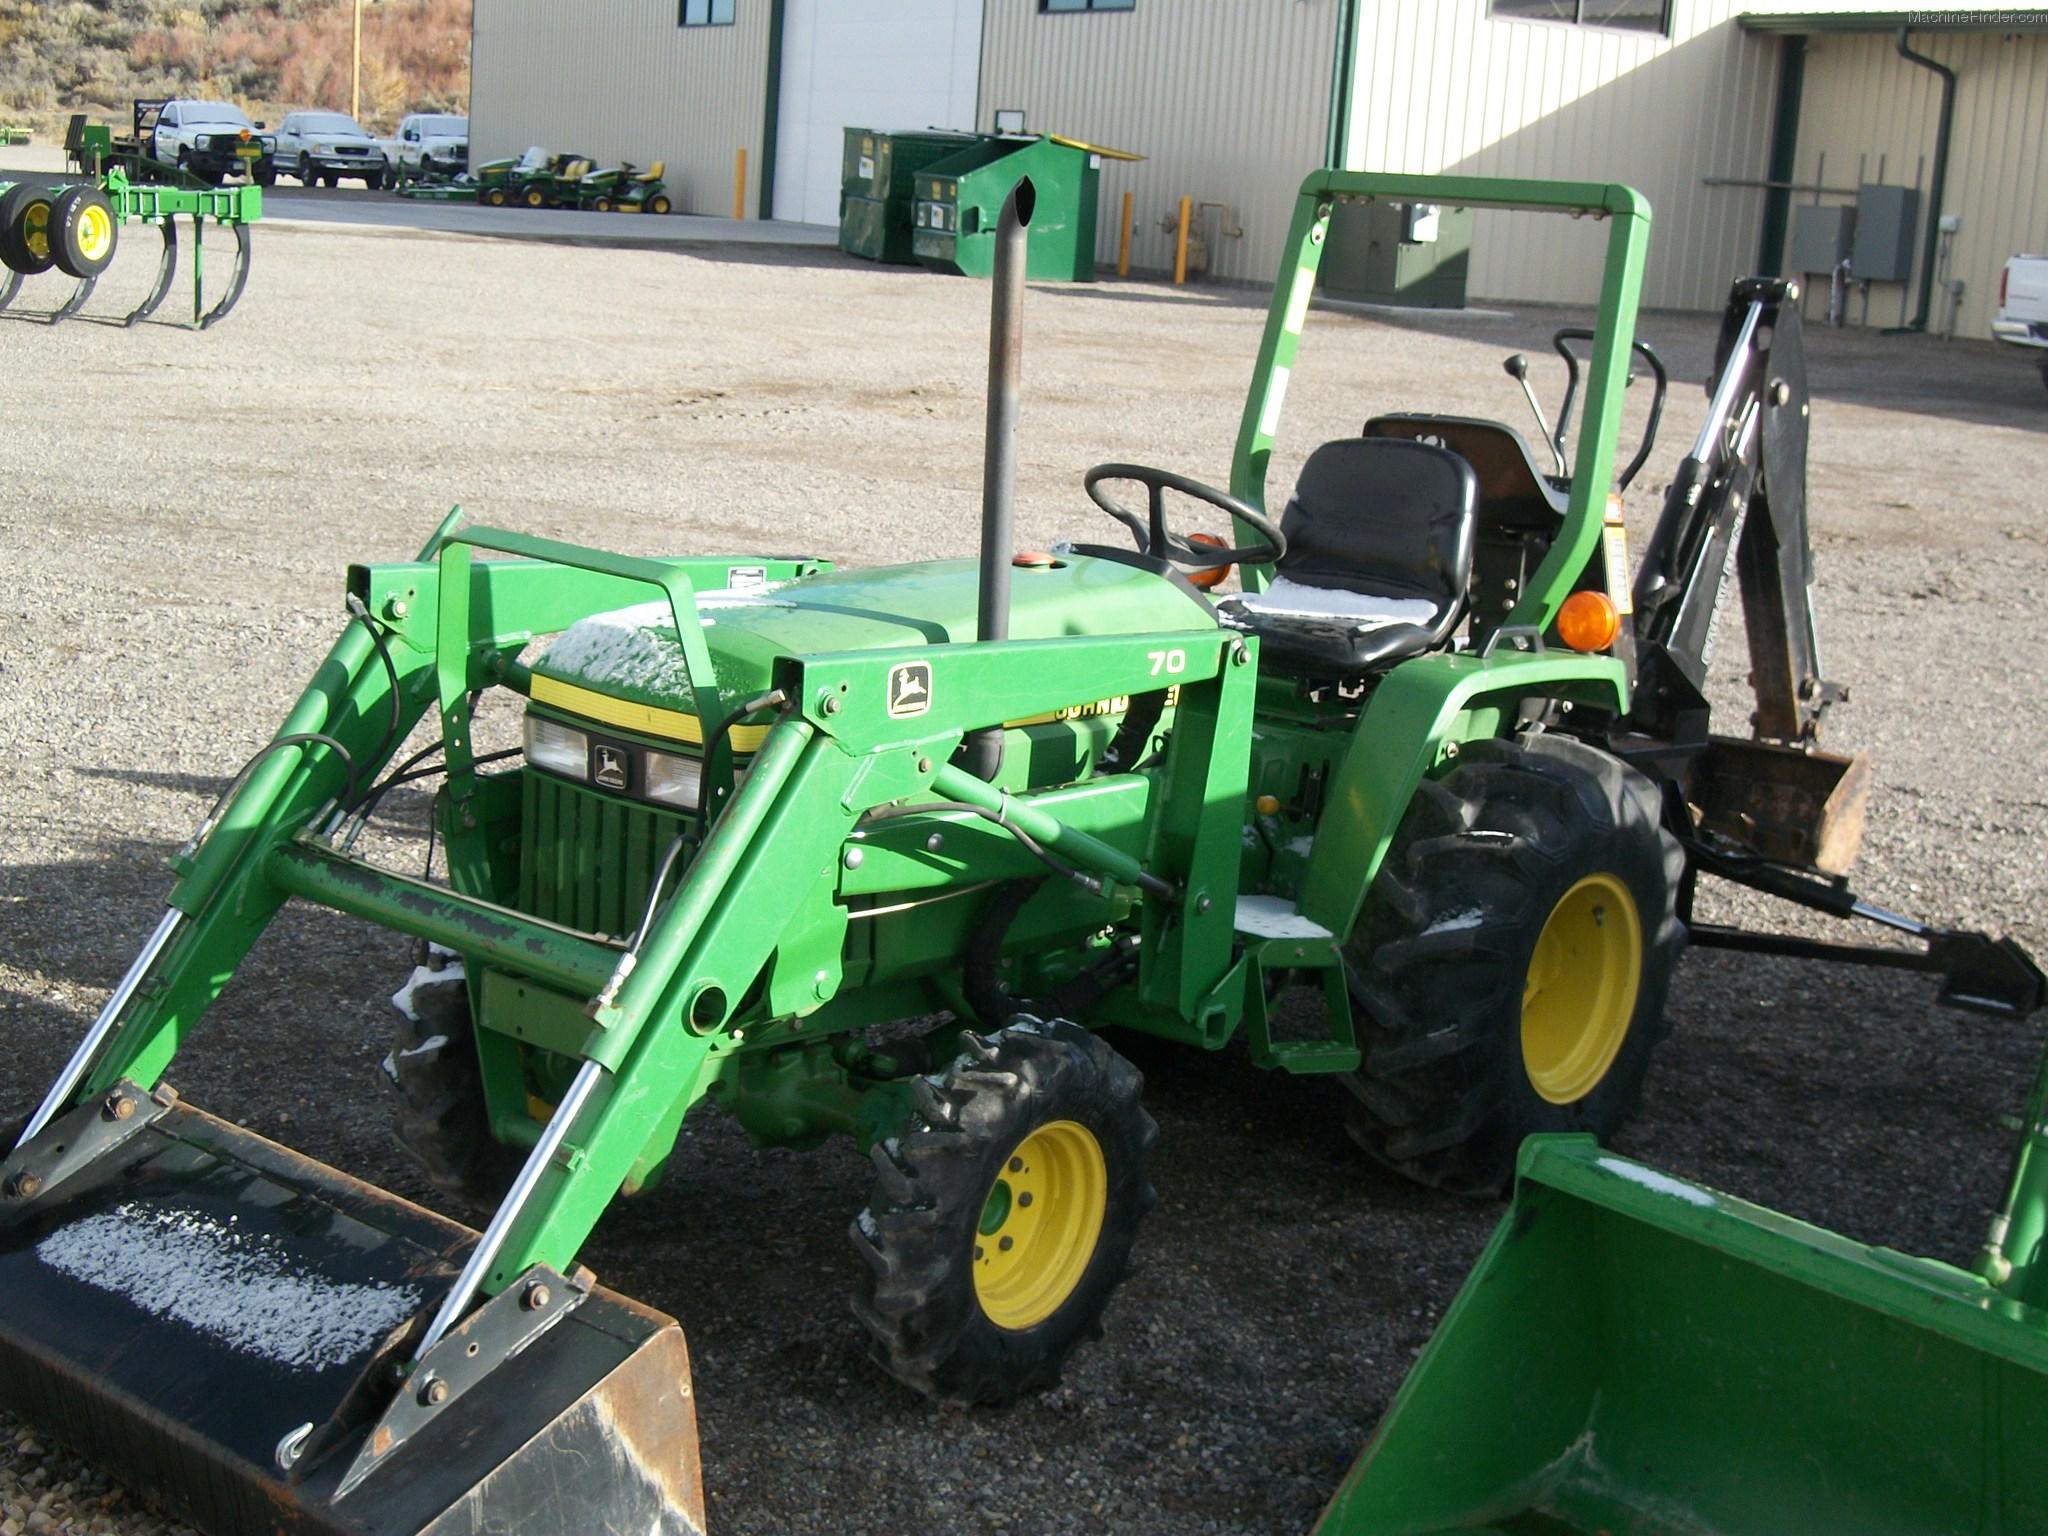 John Deere 70 Tractor Loaders - John Deere MachineFinder